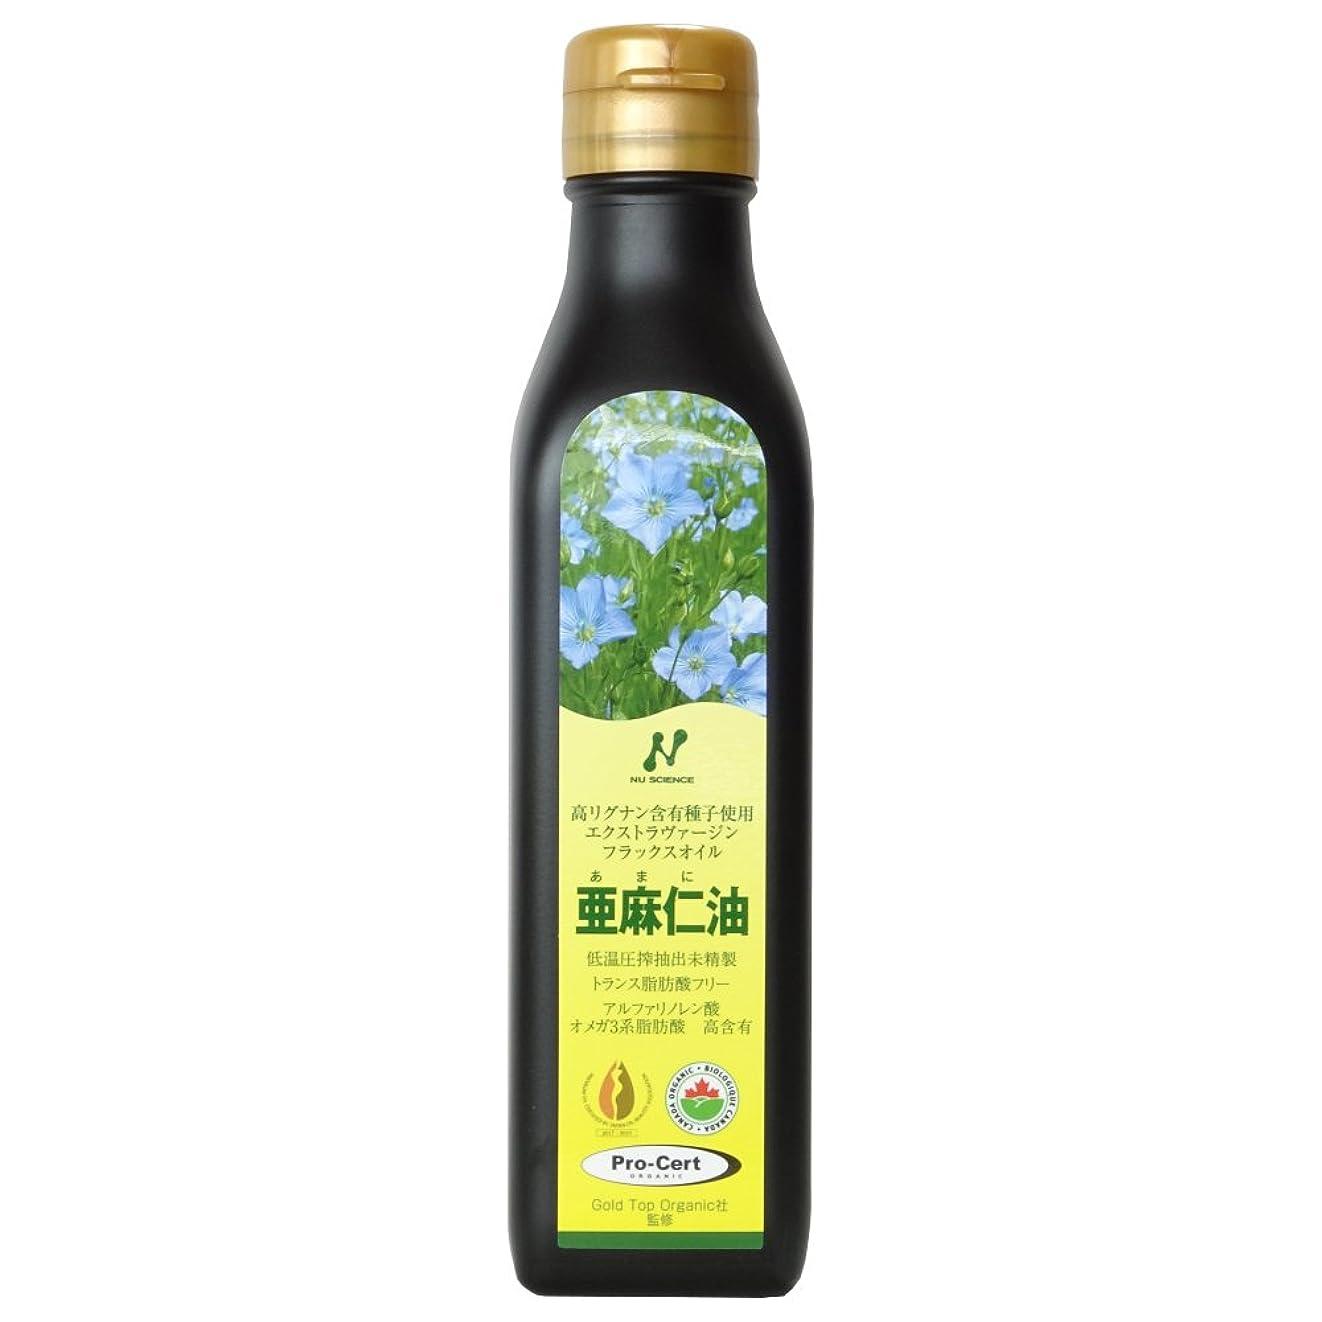 密輸フルーツ野菜満足ニューサイエンス カナダ産 亜麻仁油200ml オーガニック